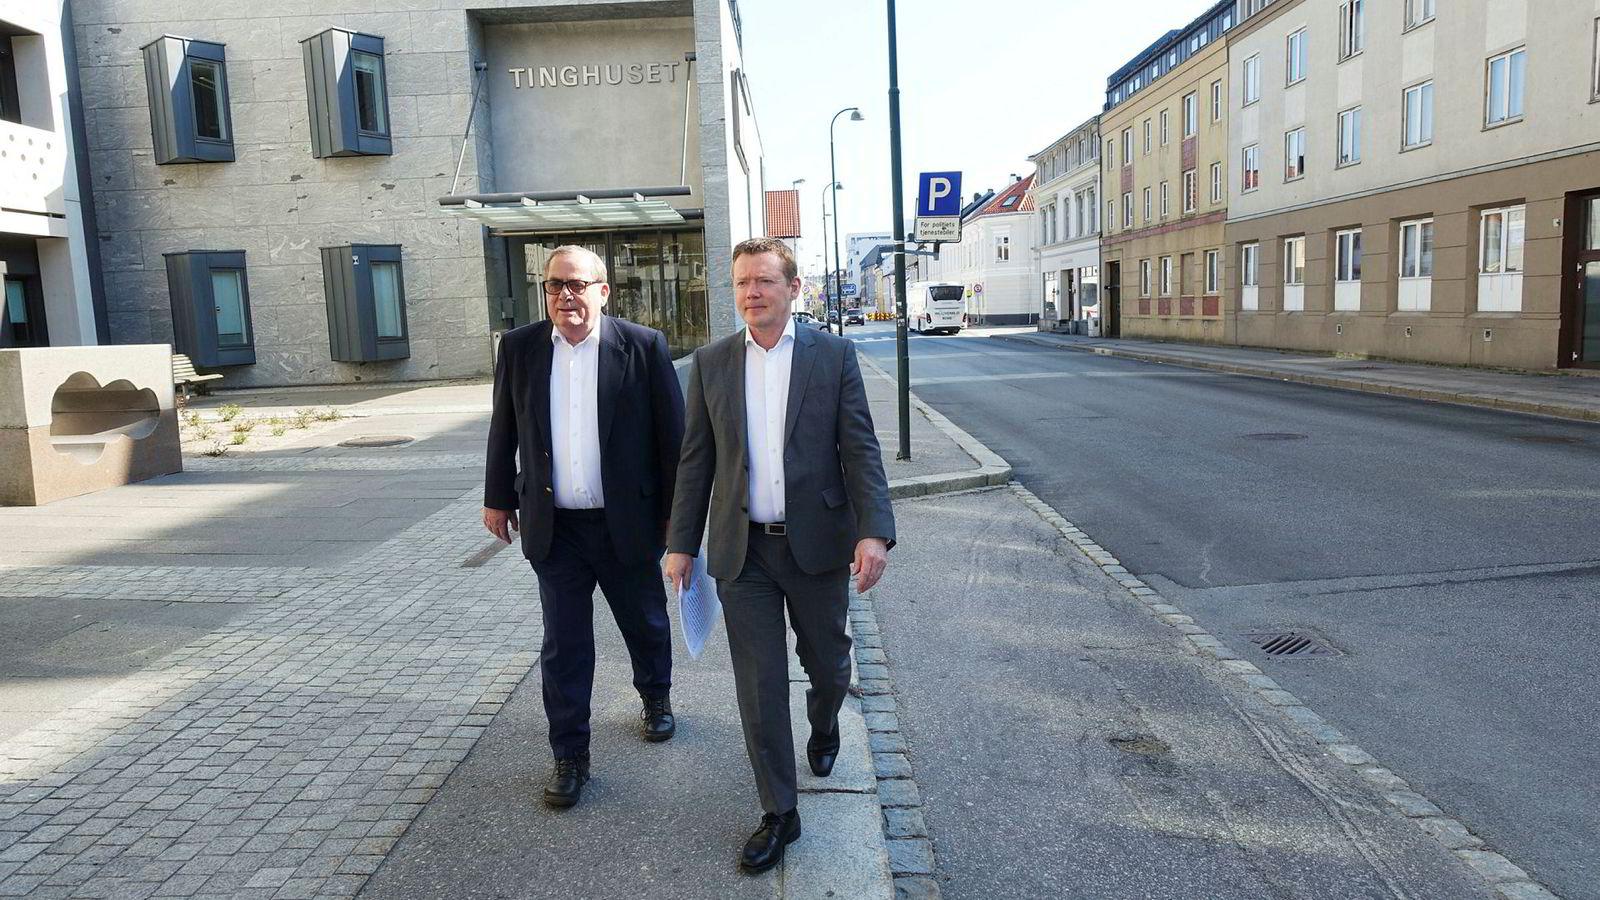 Tore Hansen-Tangen (til venstre) sammen med daglig leder Tor Hodne i Viking Heat Engines as på vei ut av Tinghuset i Kristiansand i april. Om to uker må de ta samme turen igjen dersom de ikke har klart å betale lønn til to tidligere ansatte.